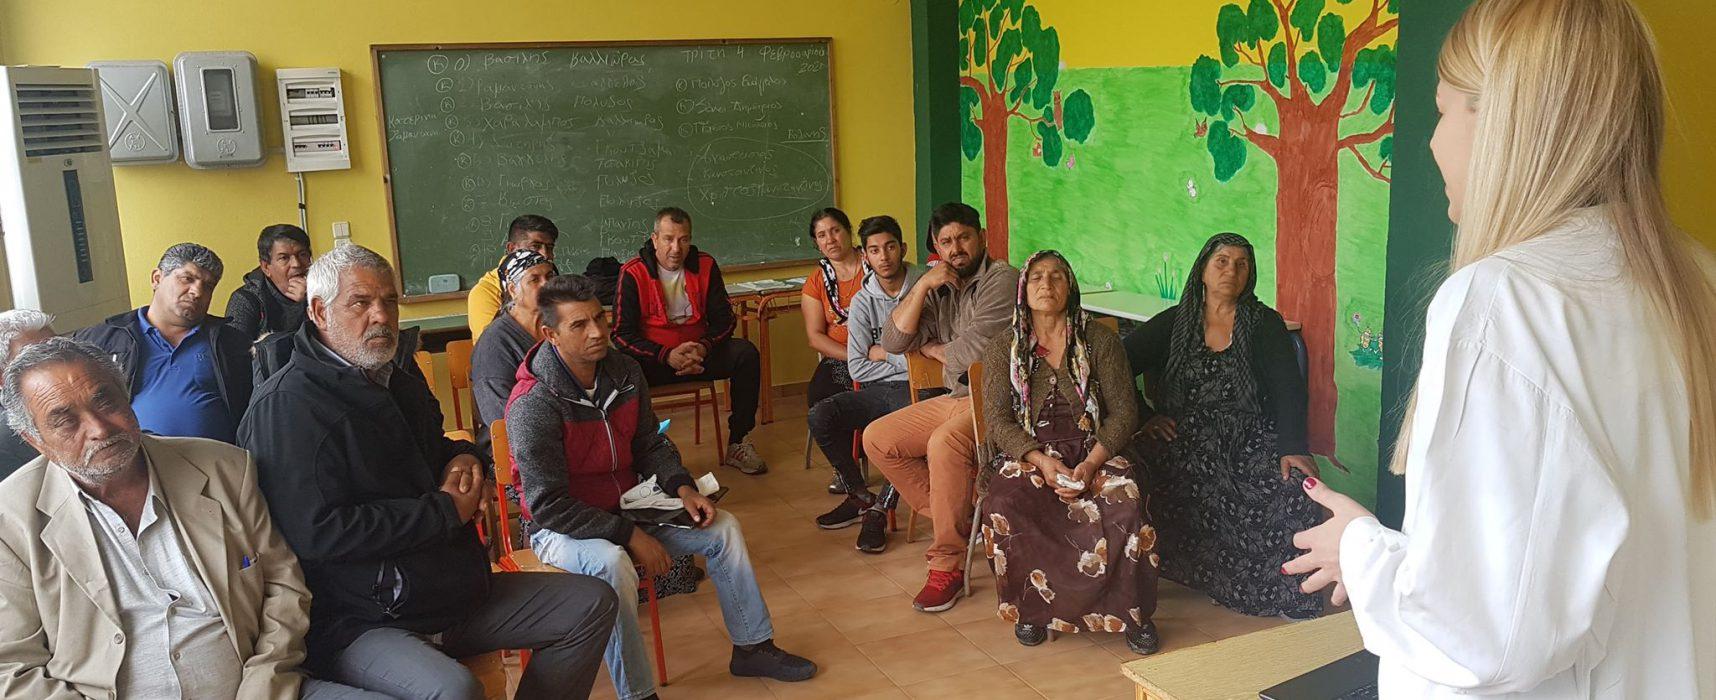 Ενημέρωση για την Αρτηριακή Υπέρταση στο Παράρτημα Ρομά του Κέντρου Κοινότητας του Δήμου Σοφάδων